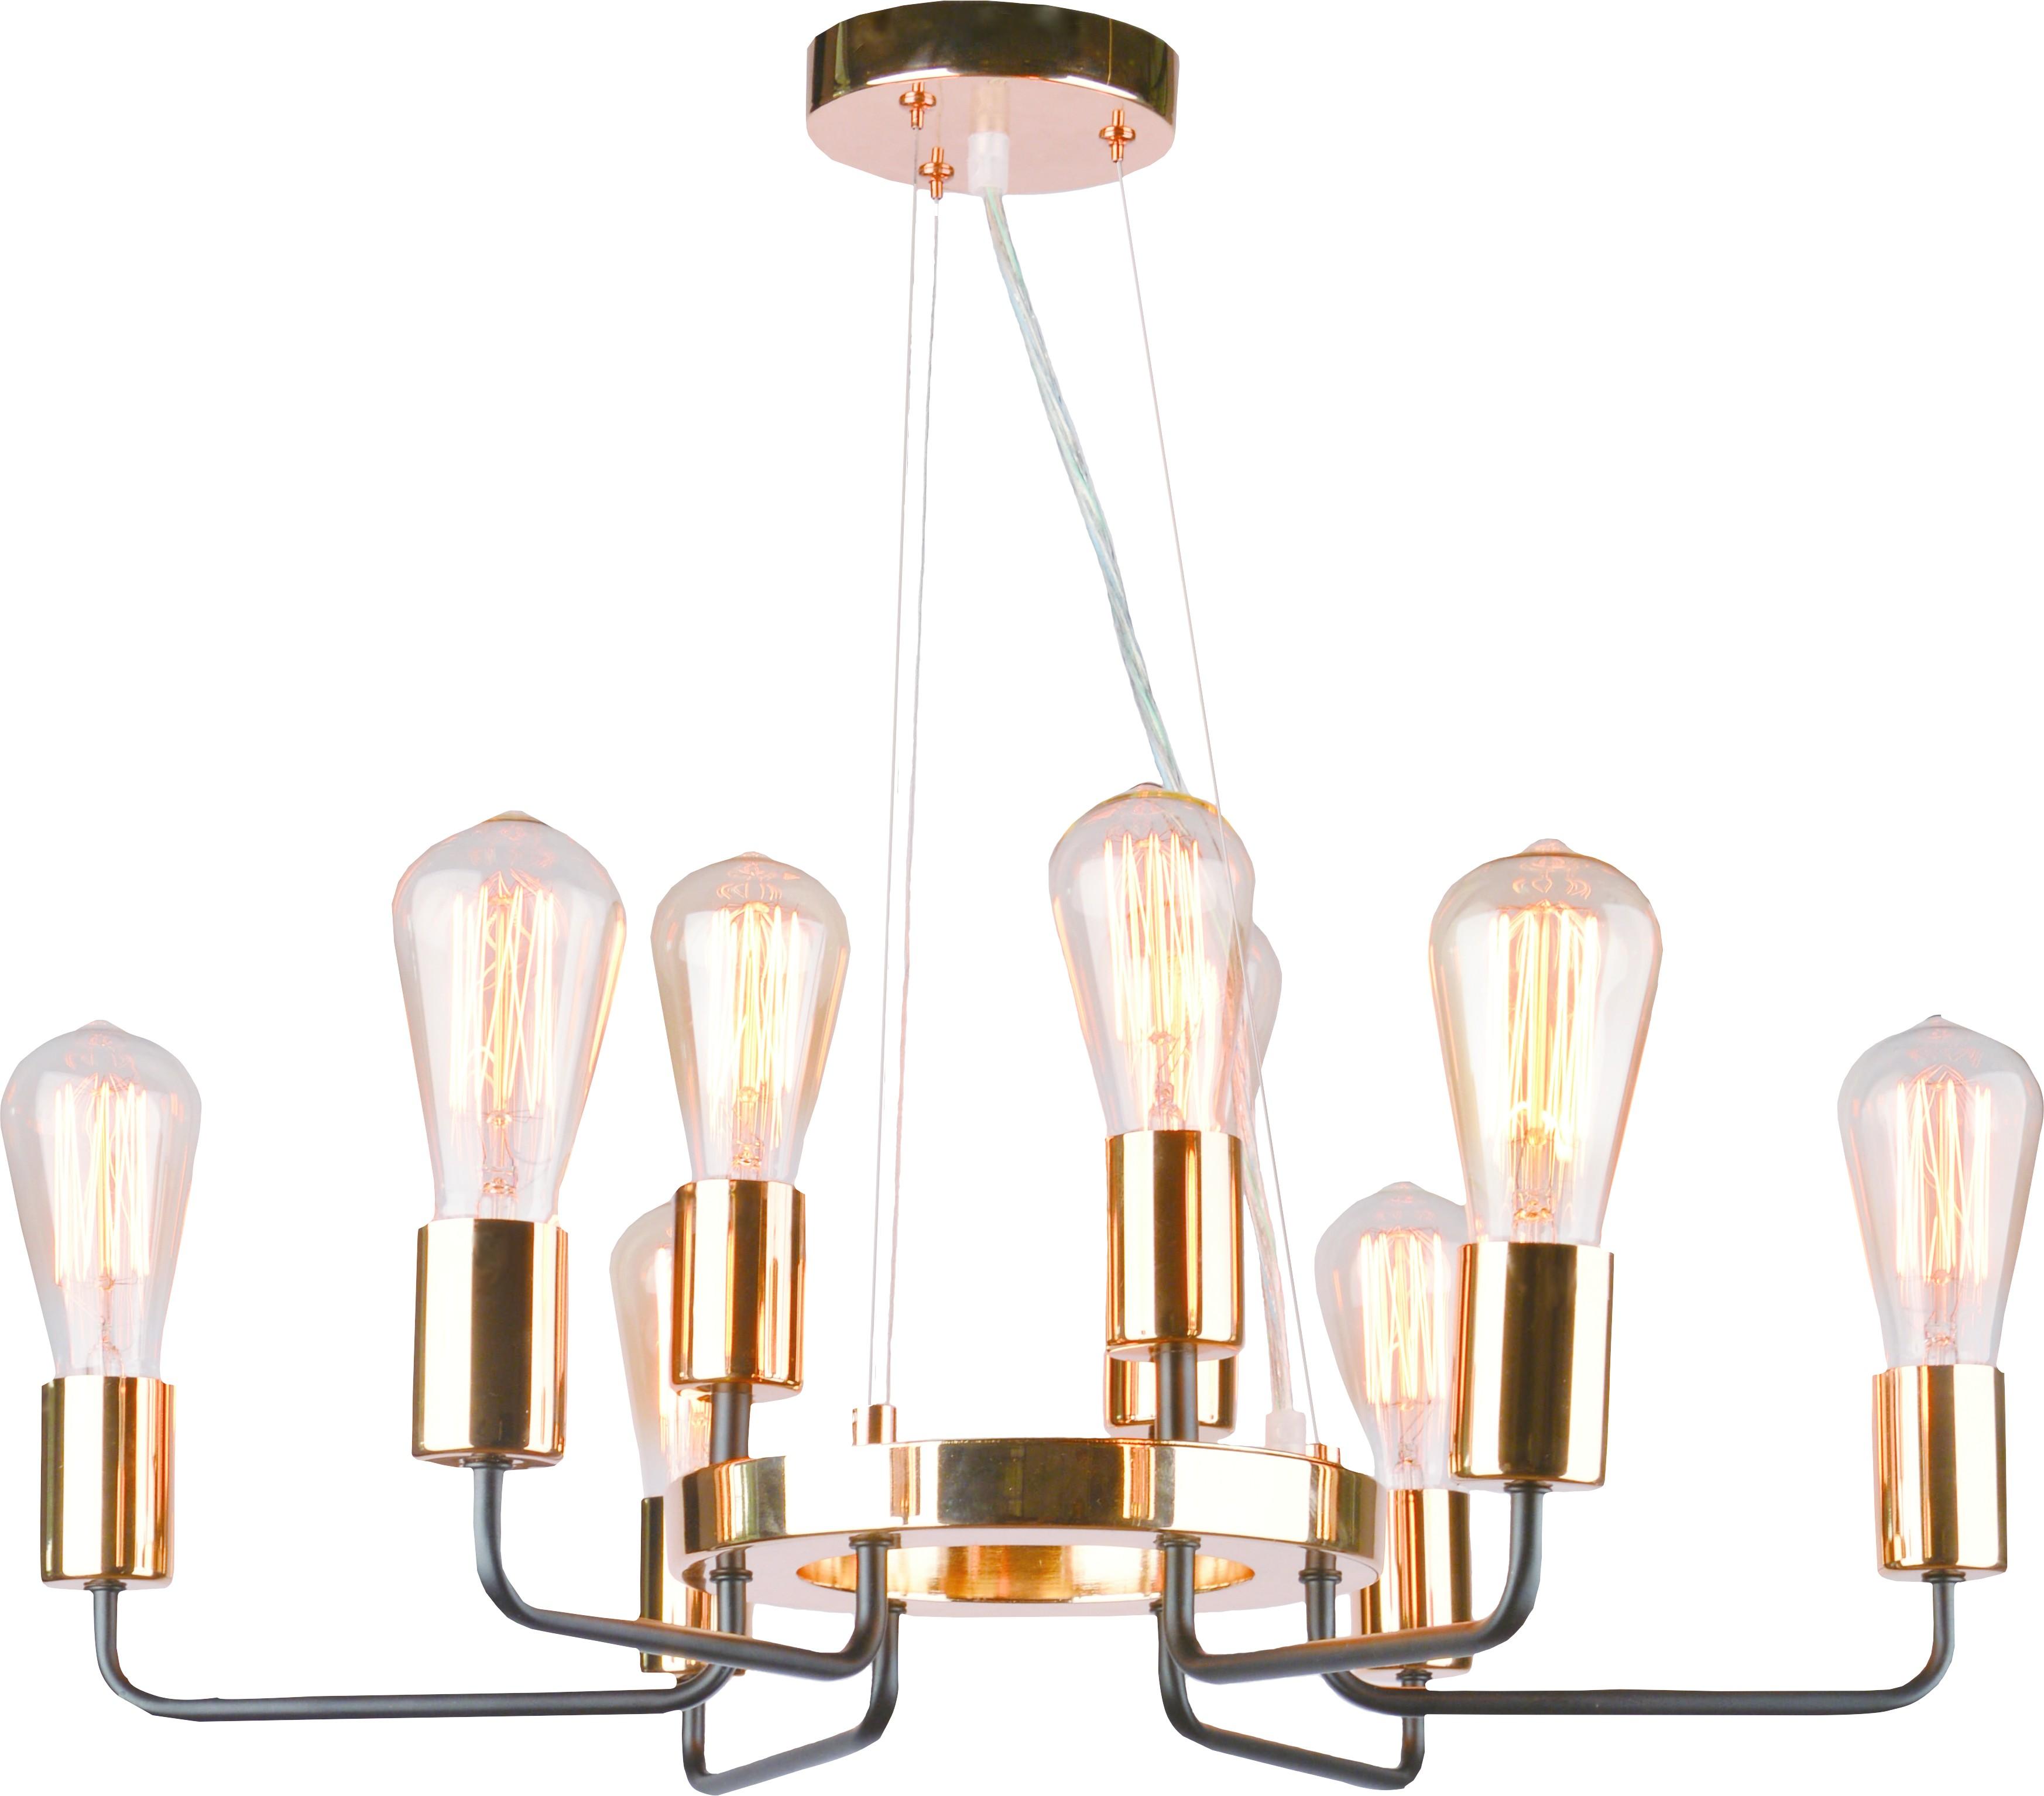 Люстра Arte lamp A6001lm-9bk подвесная люстра arte lamp gelo a6001lm 9bk